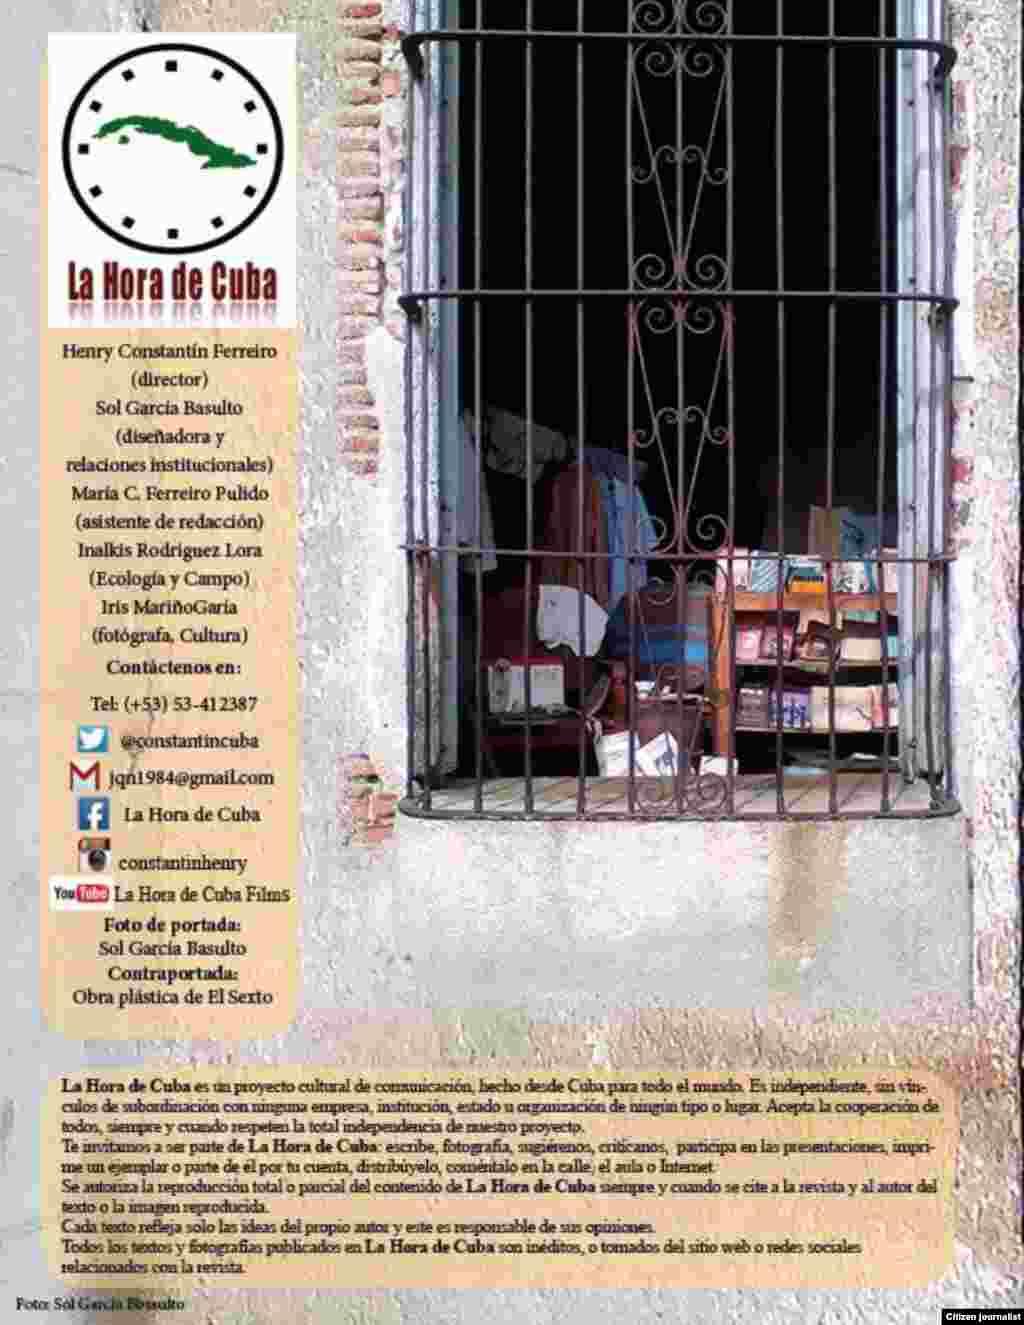 La Hora de Cuba en su septima edición